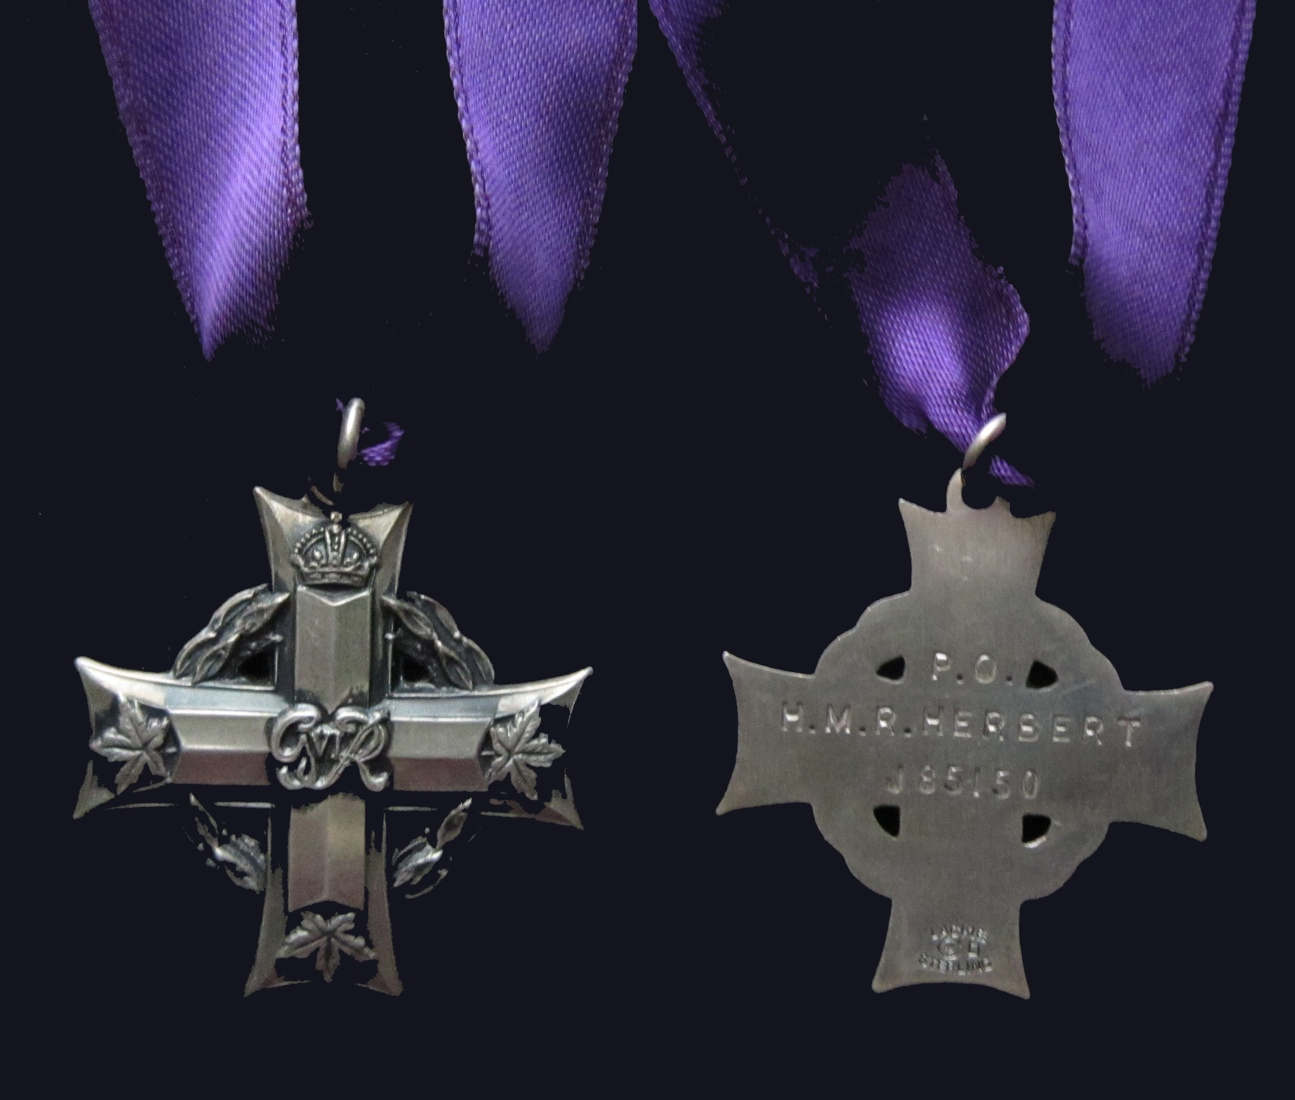 Medal– Memorial Cross for HMR Herbert